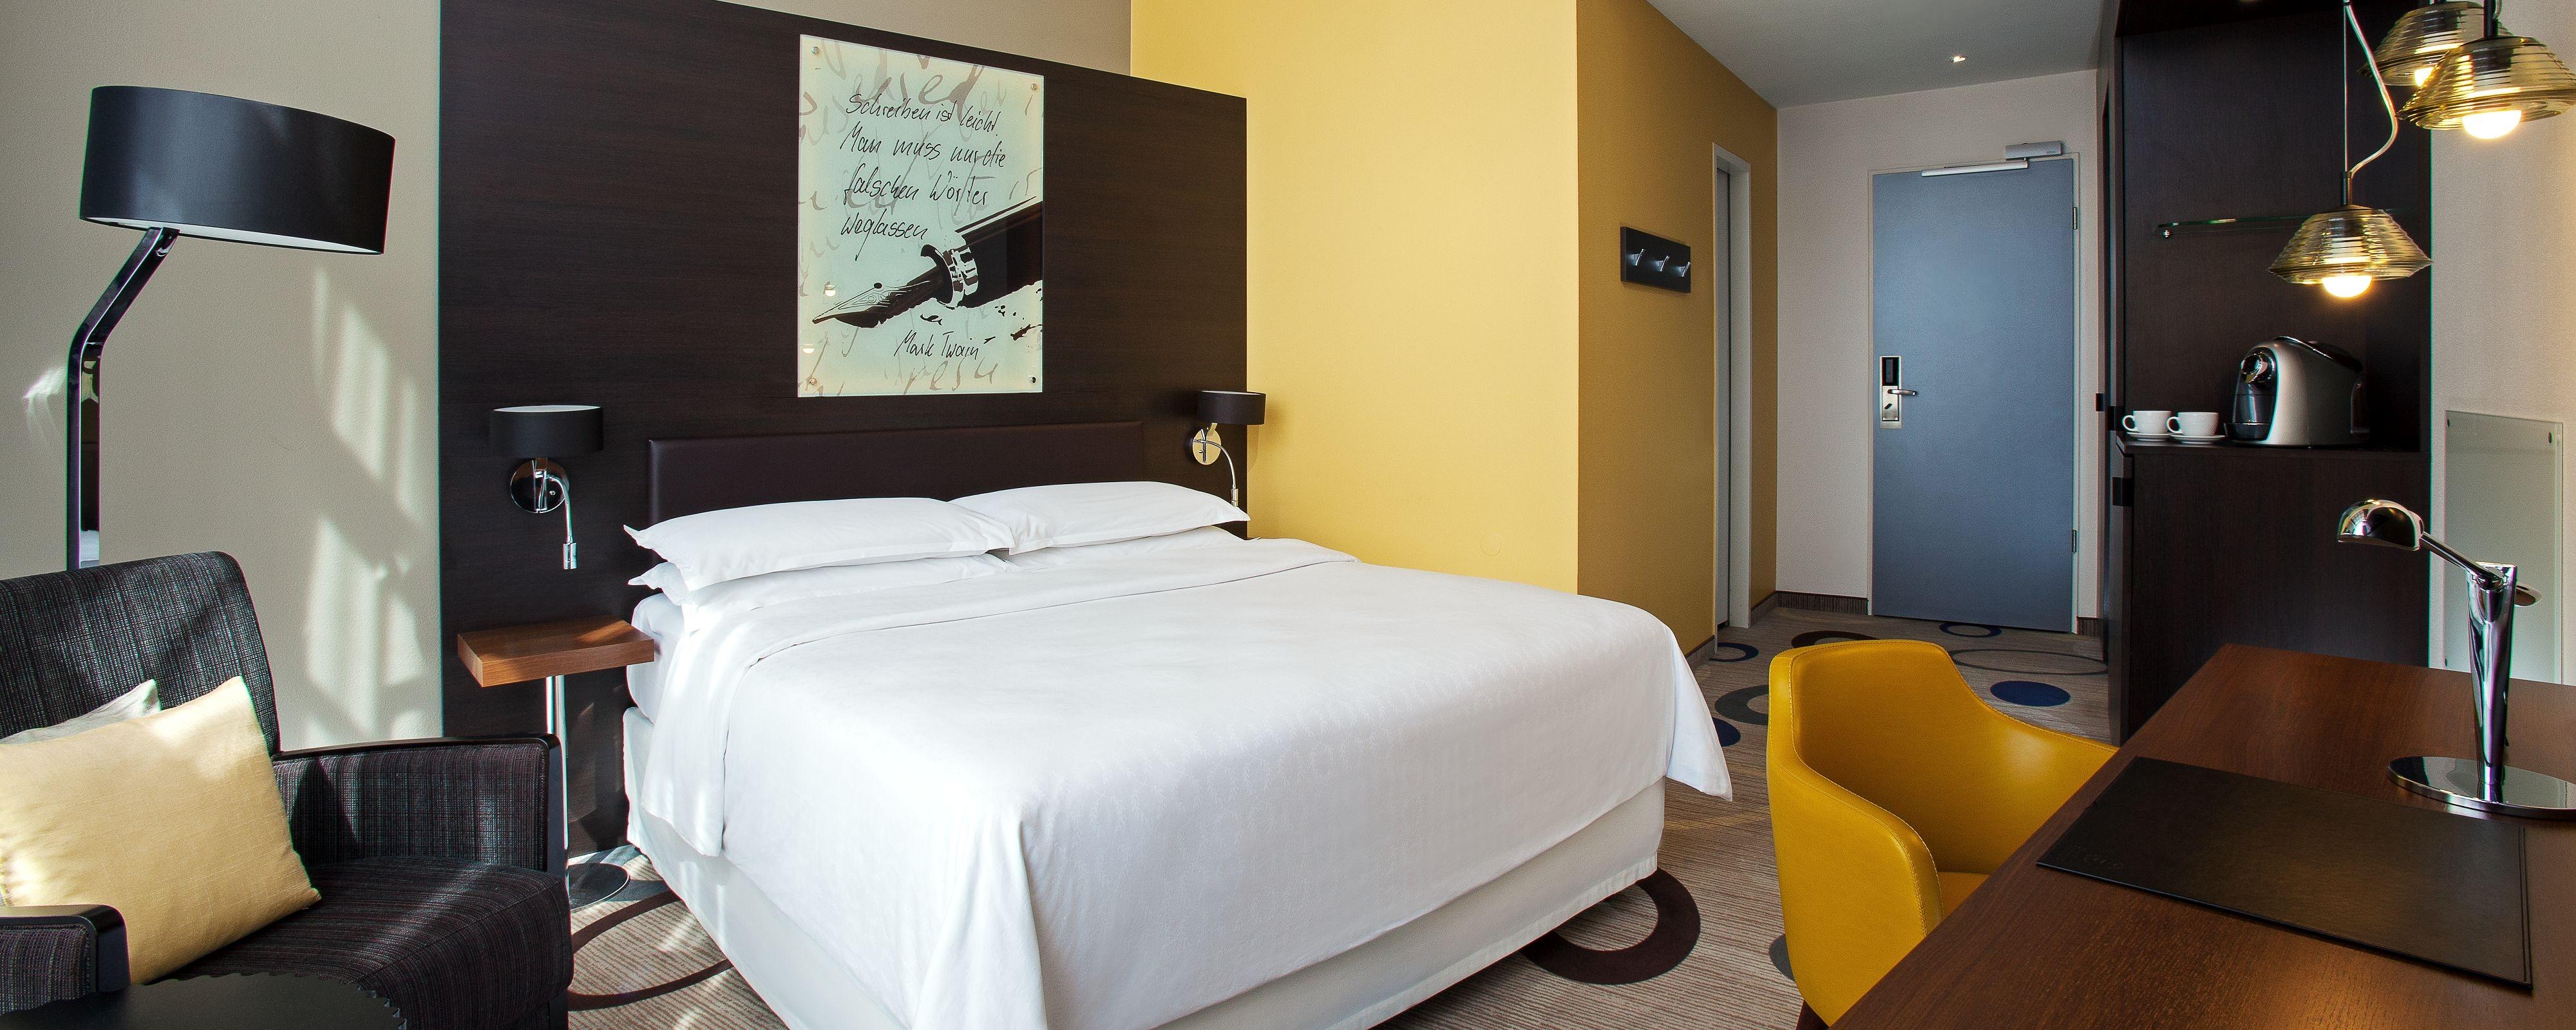 Sheraton Hanover Pelikan Hotel